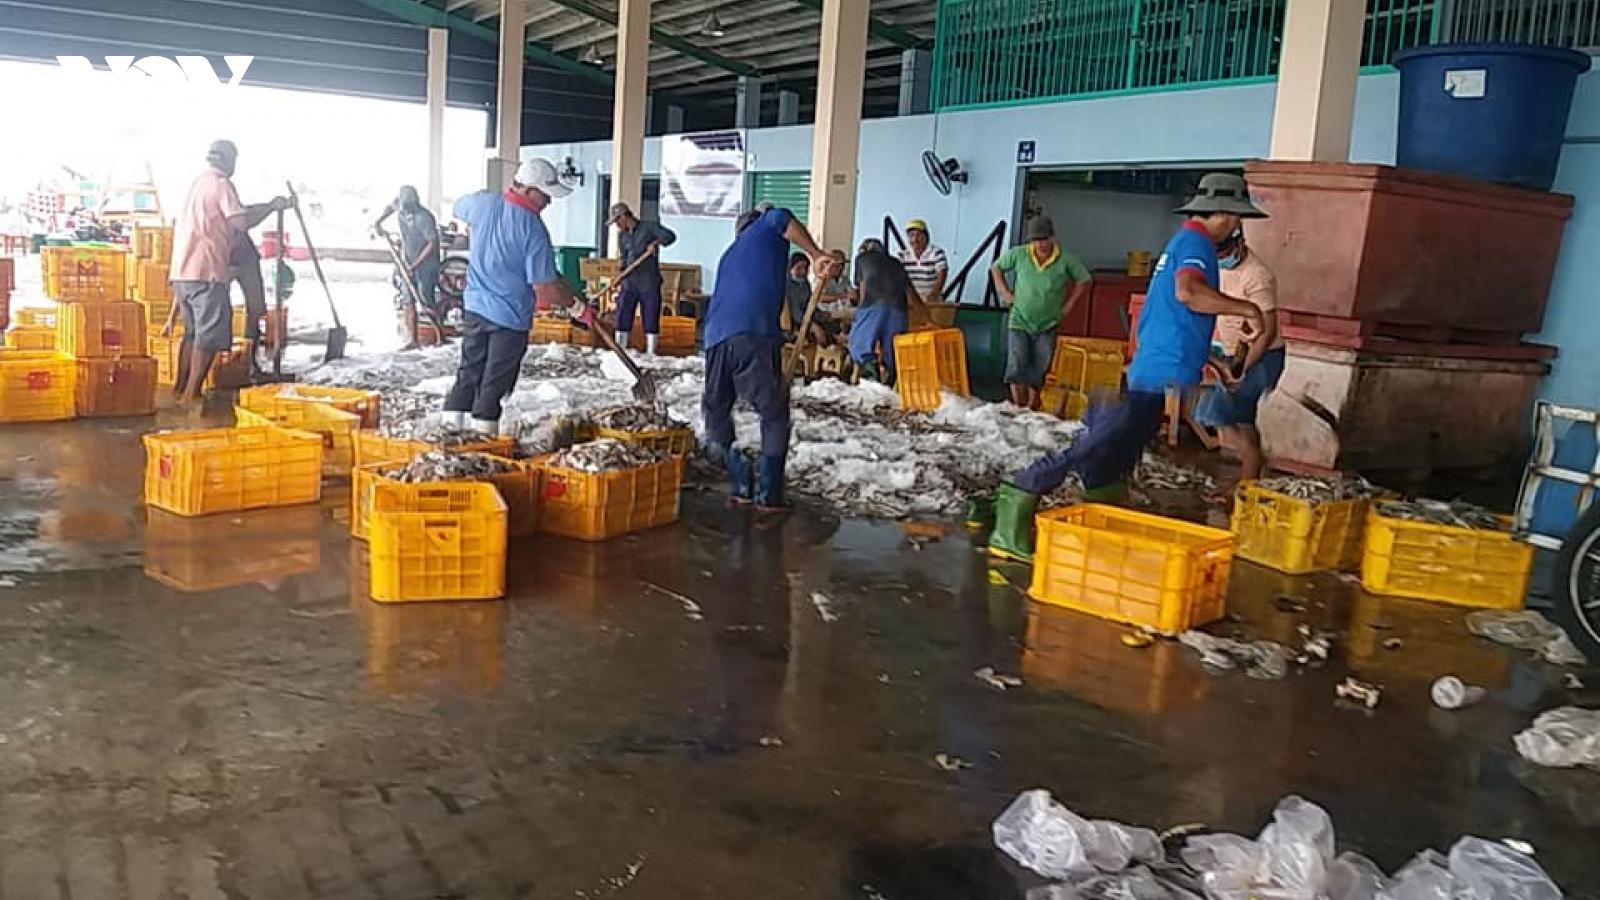 Tiền Giang: Cảng cá Vàm Láng đảm bảo an toàn, thông suốt hàng hóa cho ngư dân